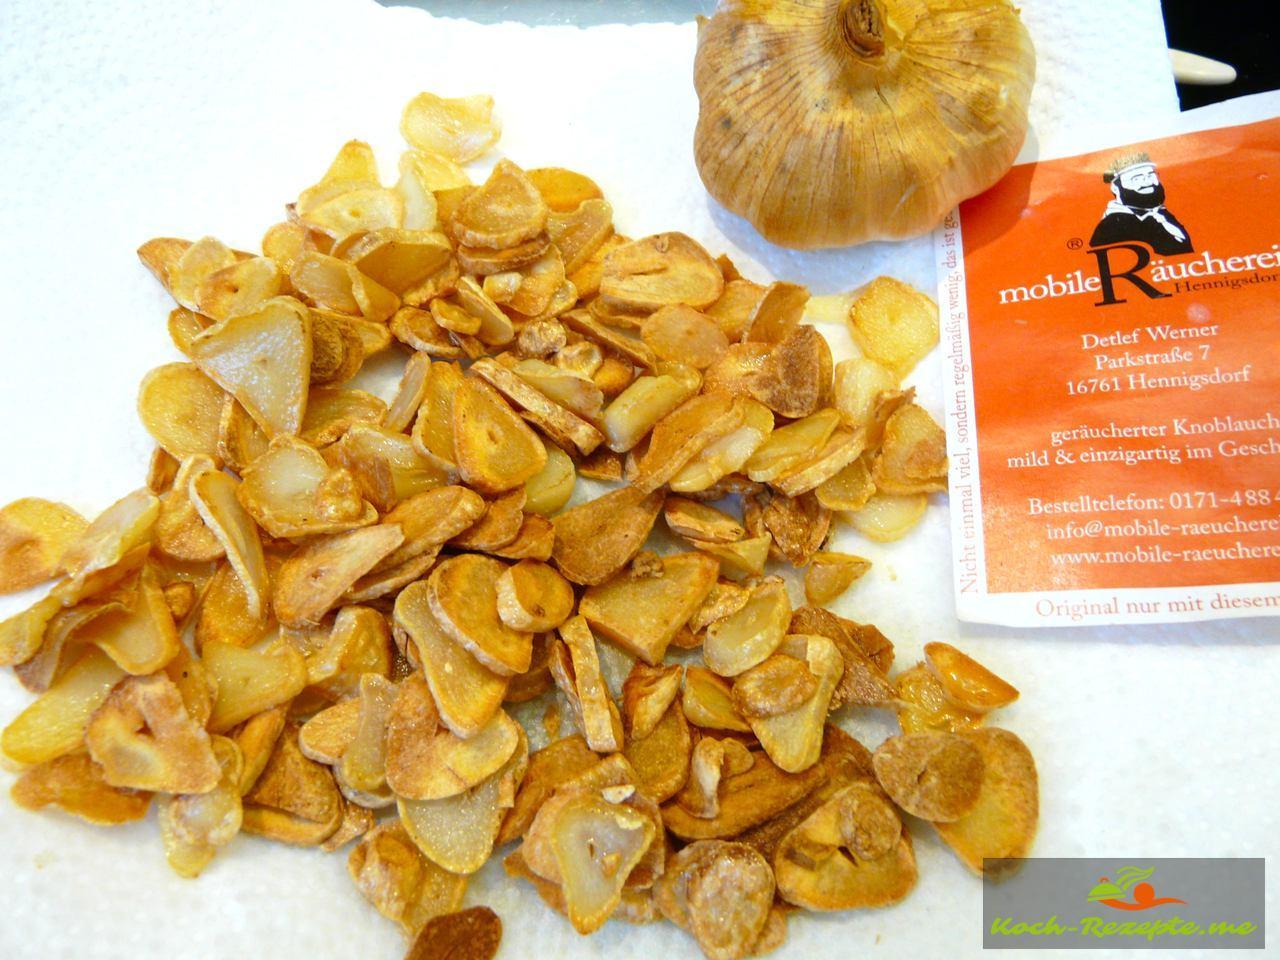 Köstliche geräucherte Knoblauch-Chips in Rapsöl ausbacken Räucher-Knoblauch-Chips